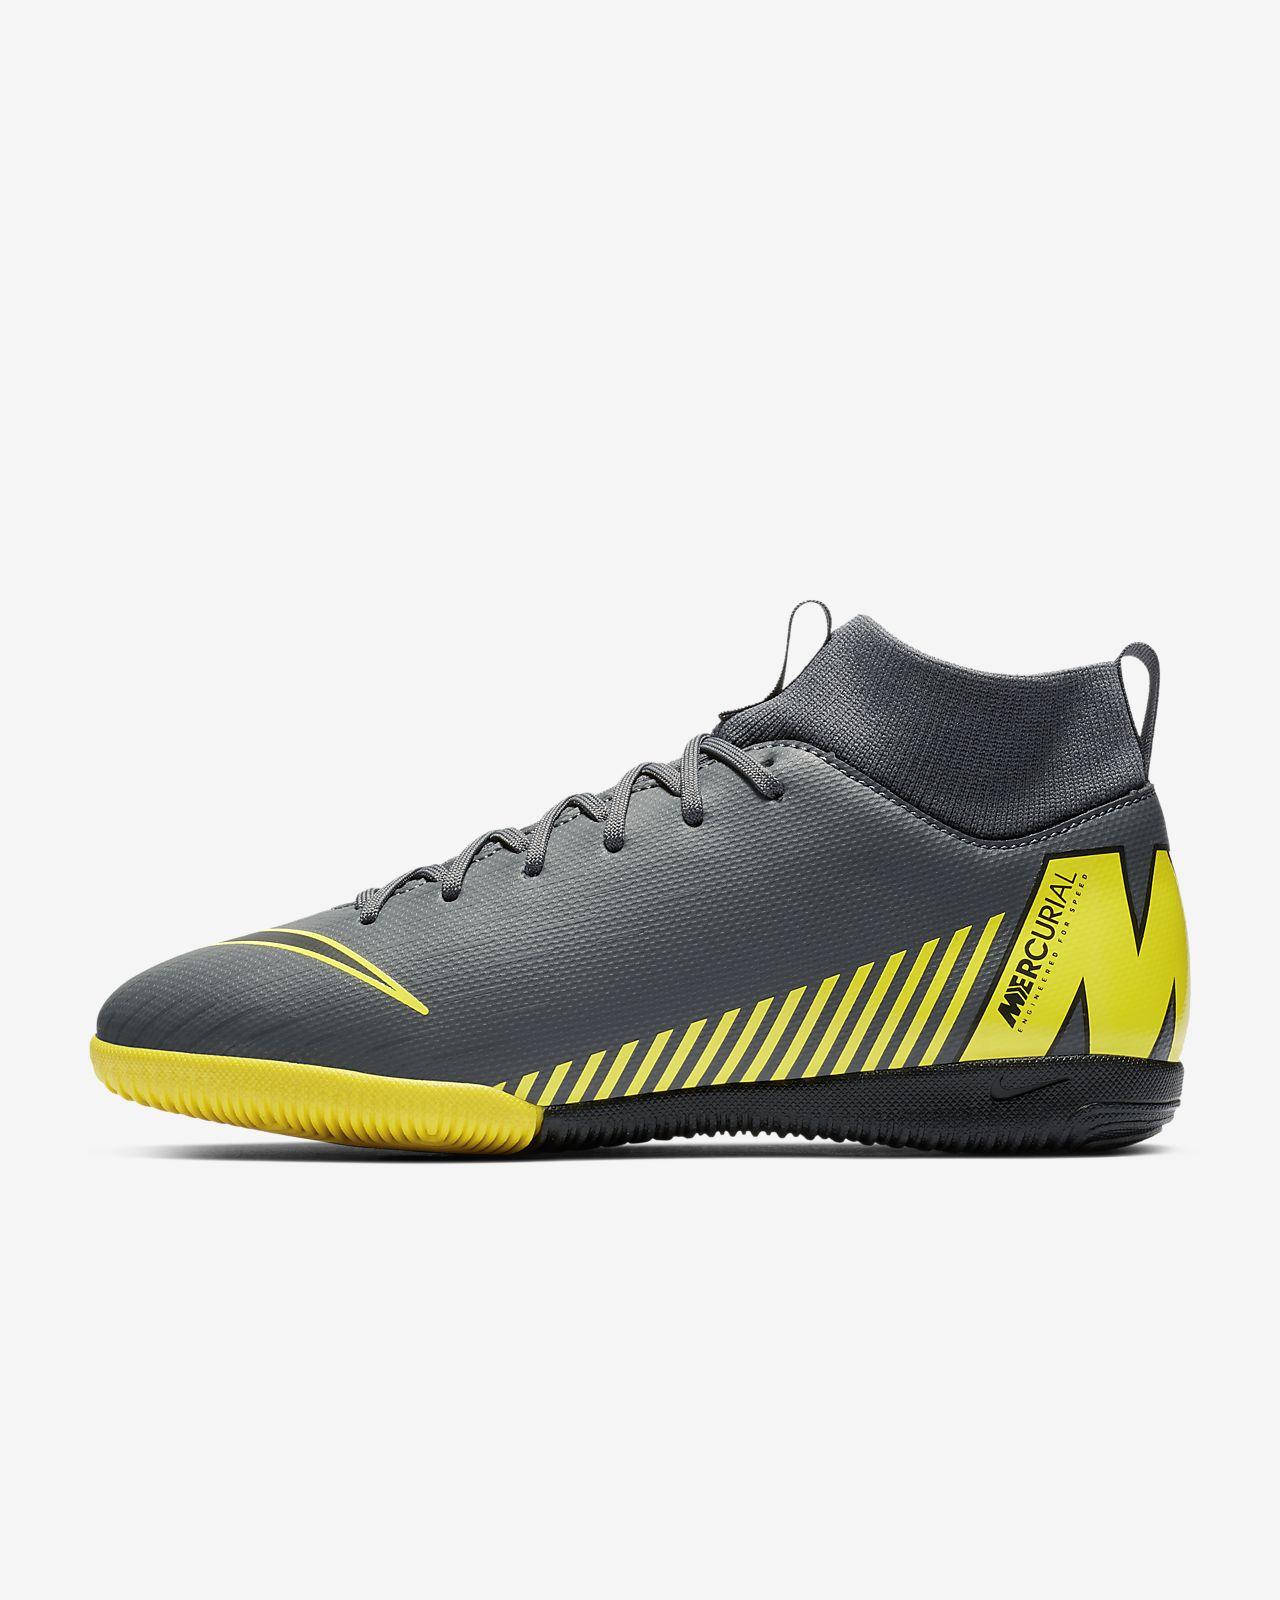 Sapatilhas de futsal Nike Jr. SuperflyX 6 Academy IC para criança/Júnior